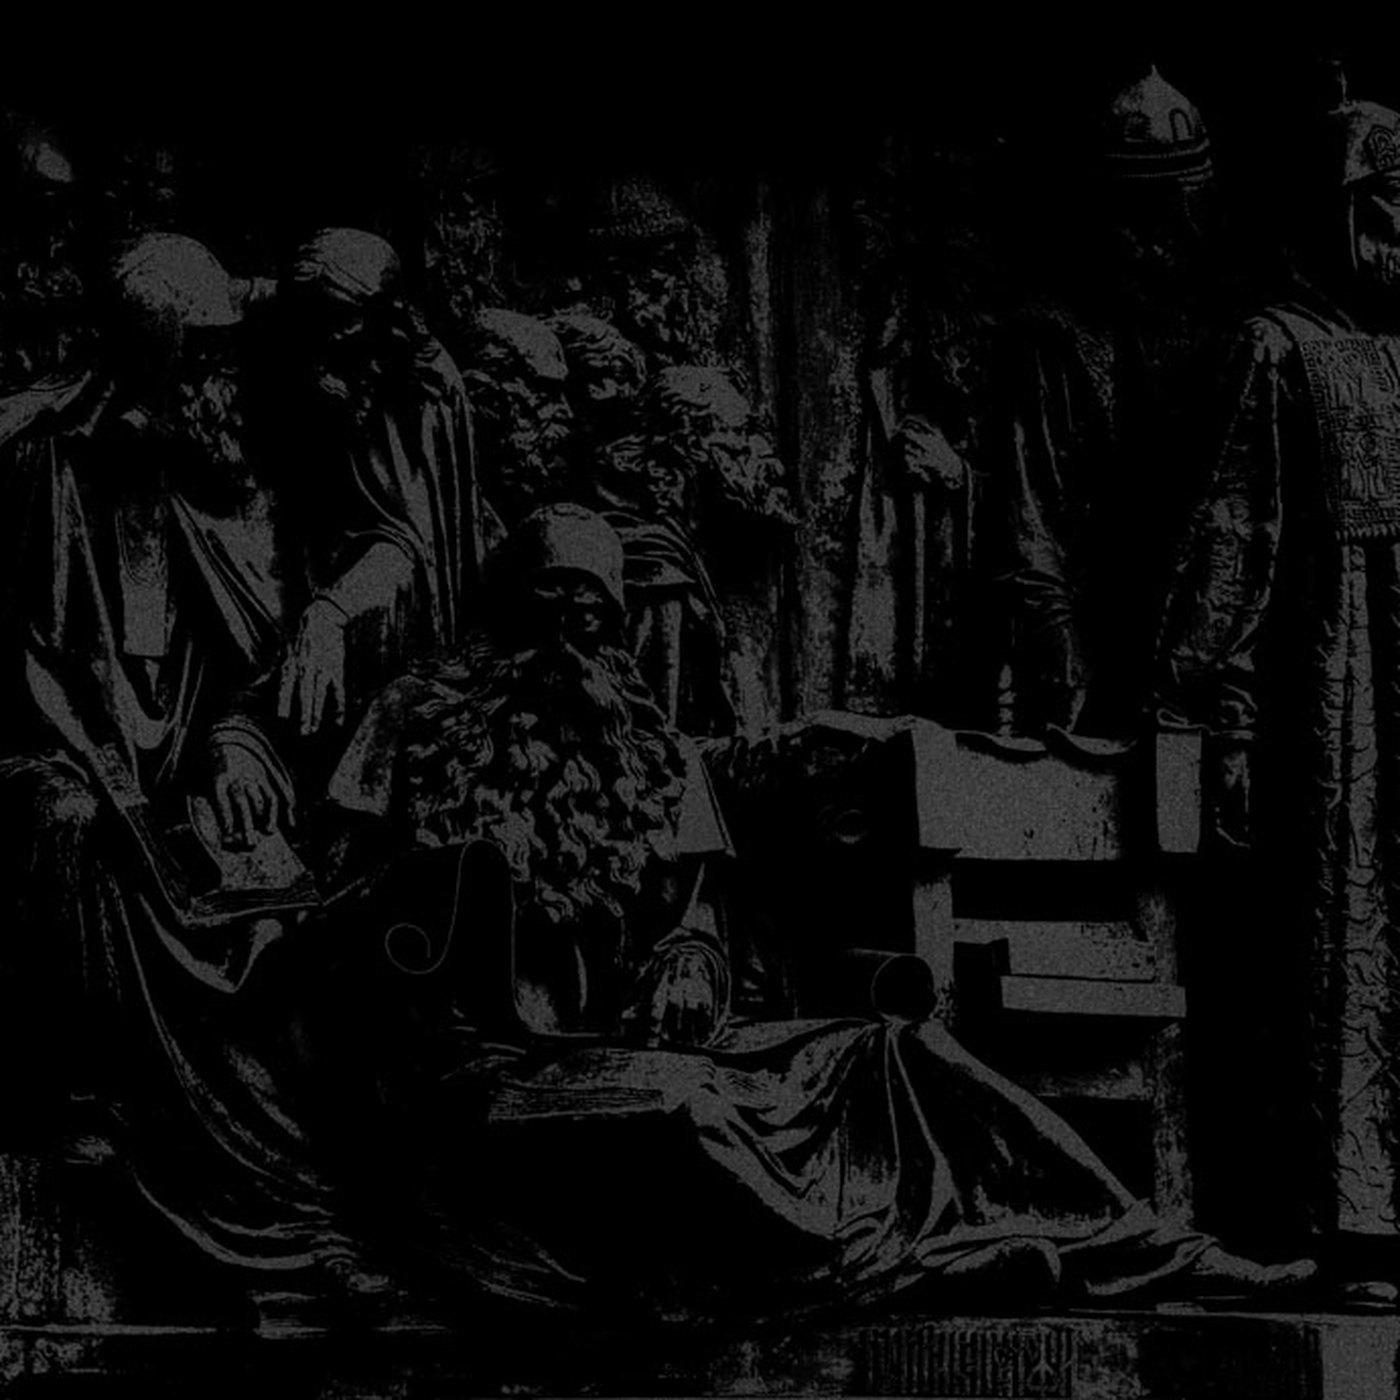 Снятие Хрущева – дворцовый переворот того времени?